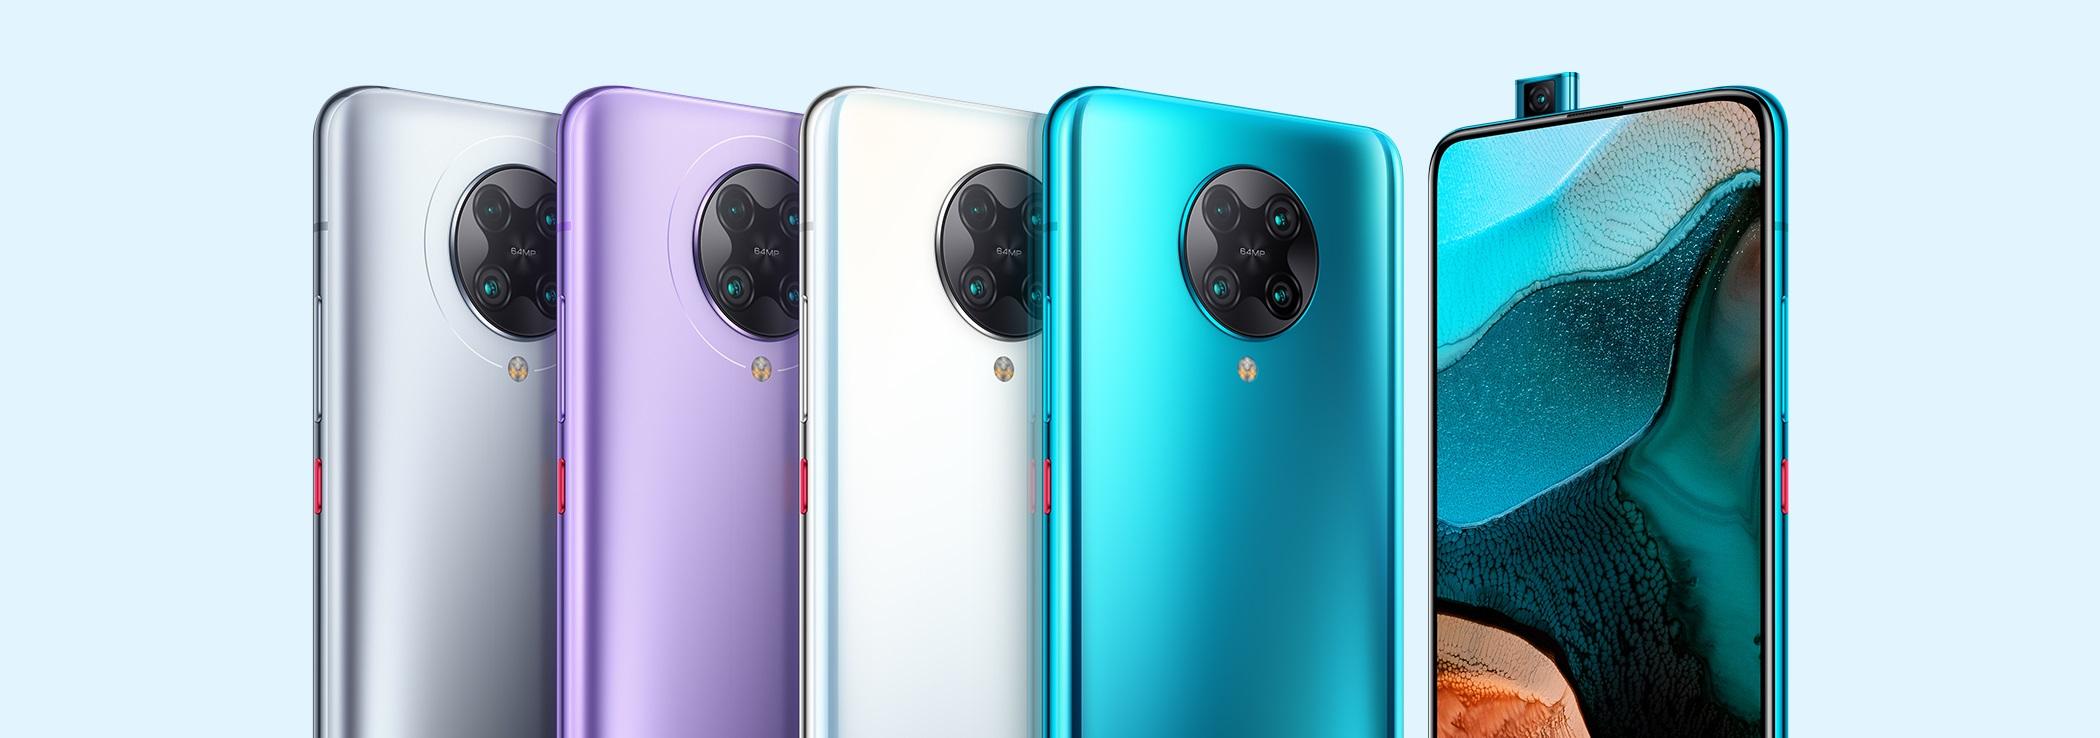 Redmi K30 Ultra również będzie miał poczwórny aparat z głównym sensorem o rozdzielczości 64 Mpix i wysuwany aparat do selfie jak Redmi K30 Pro